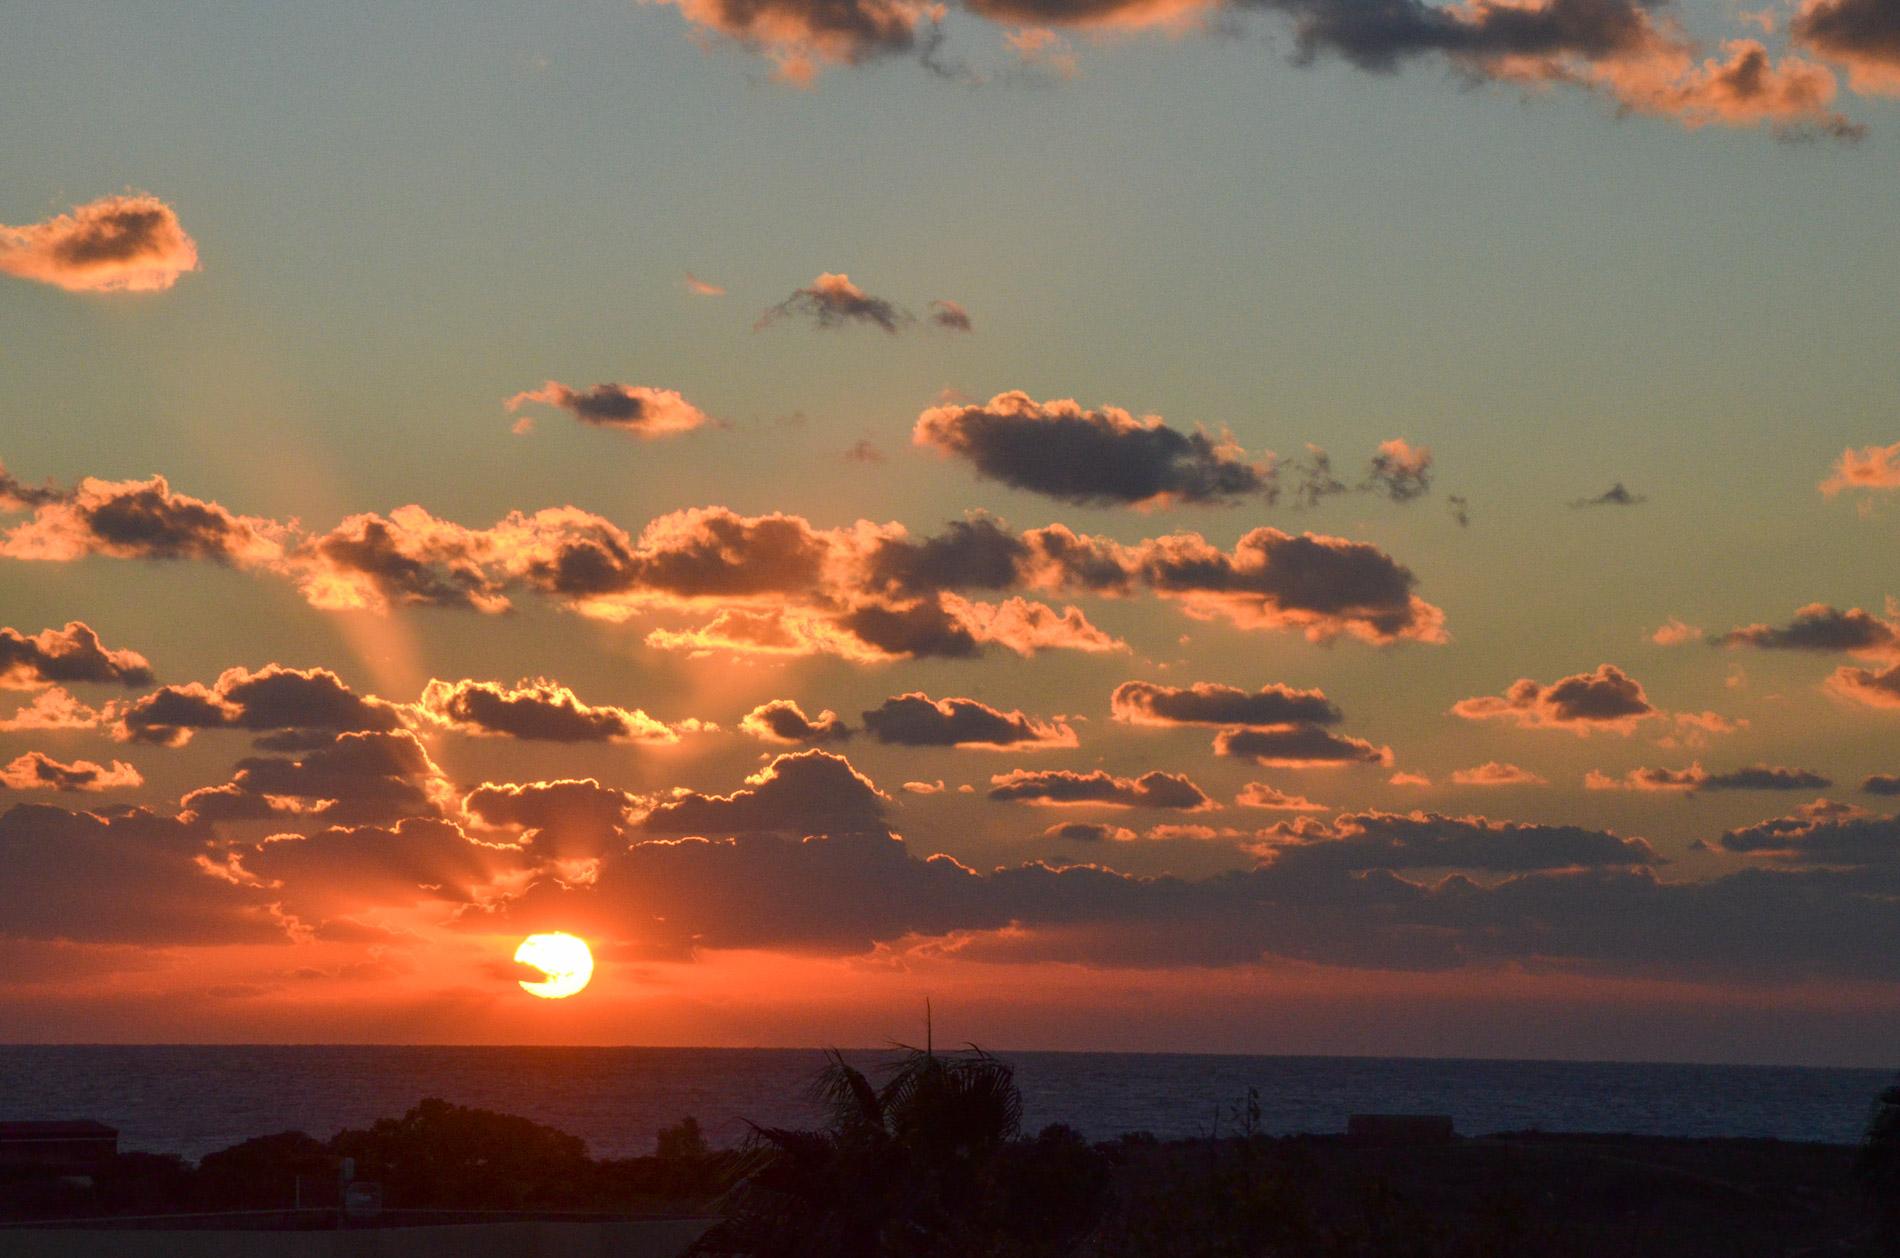 В Пафосе самые красивые закаты, потому что здесь видно, как солнце садится в море